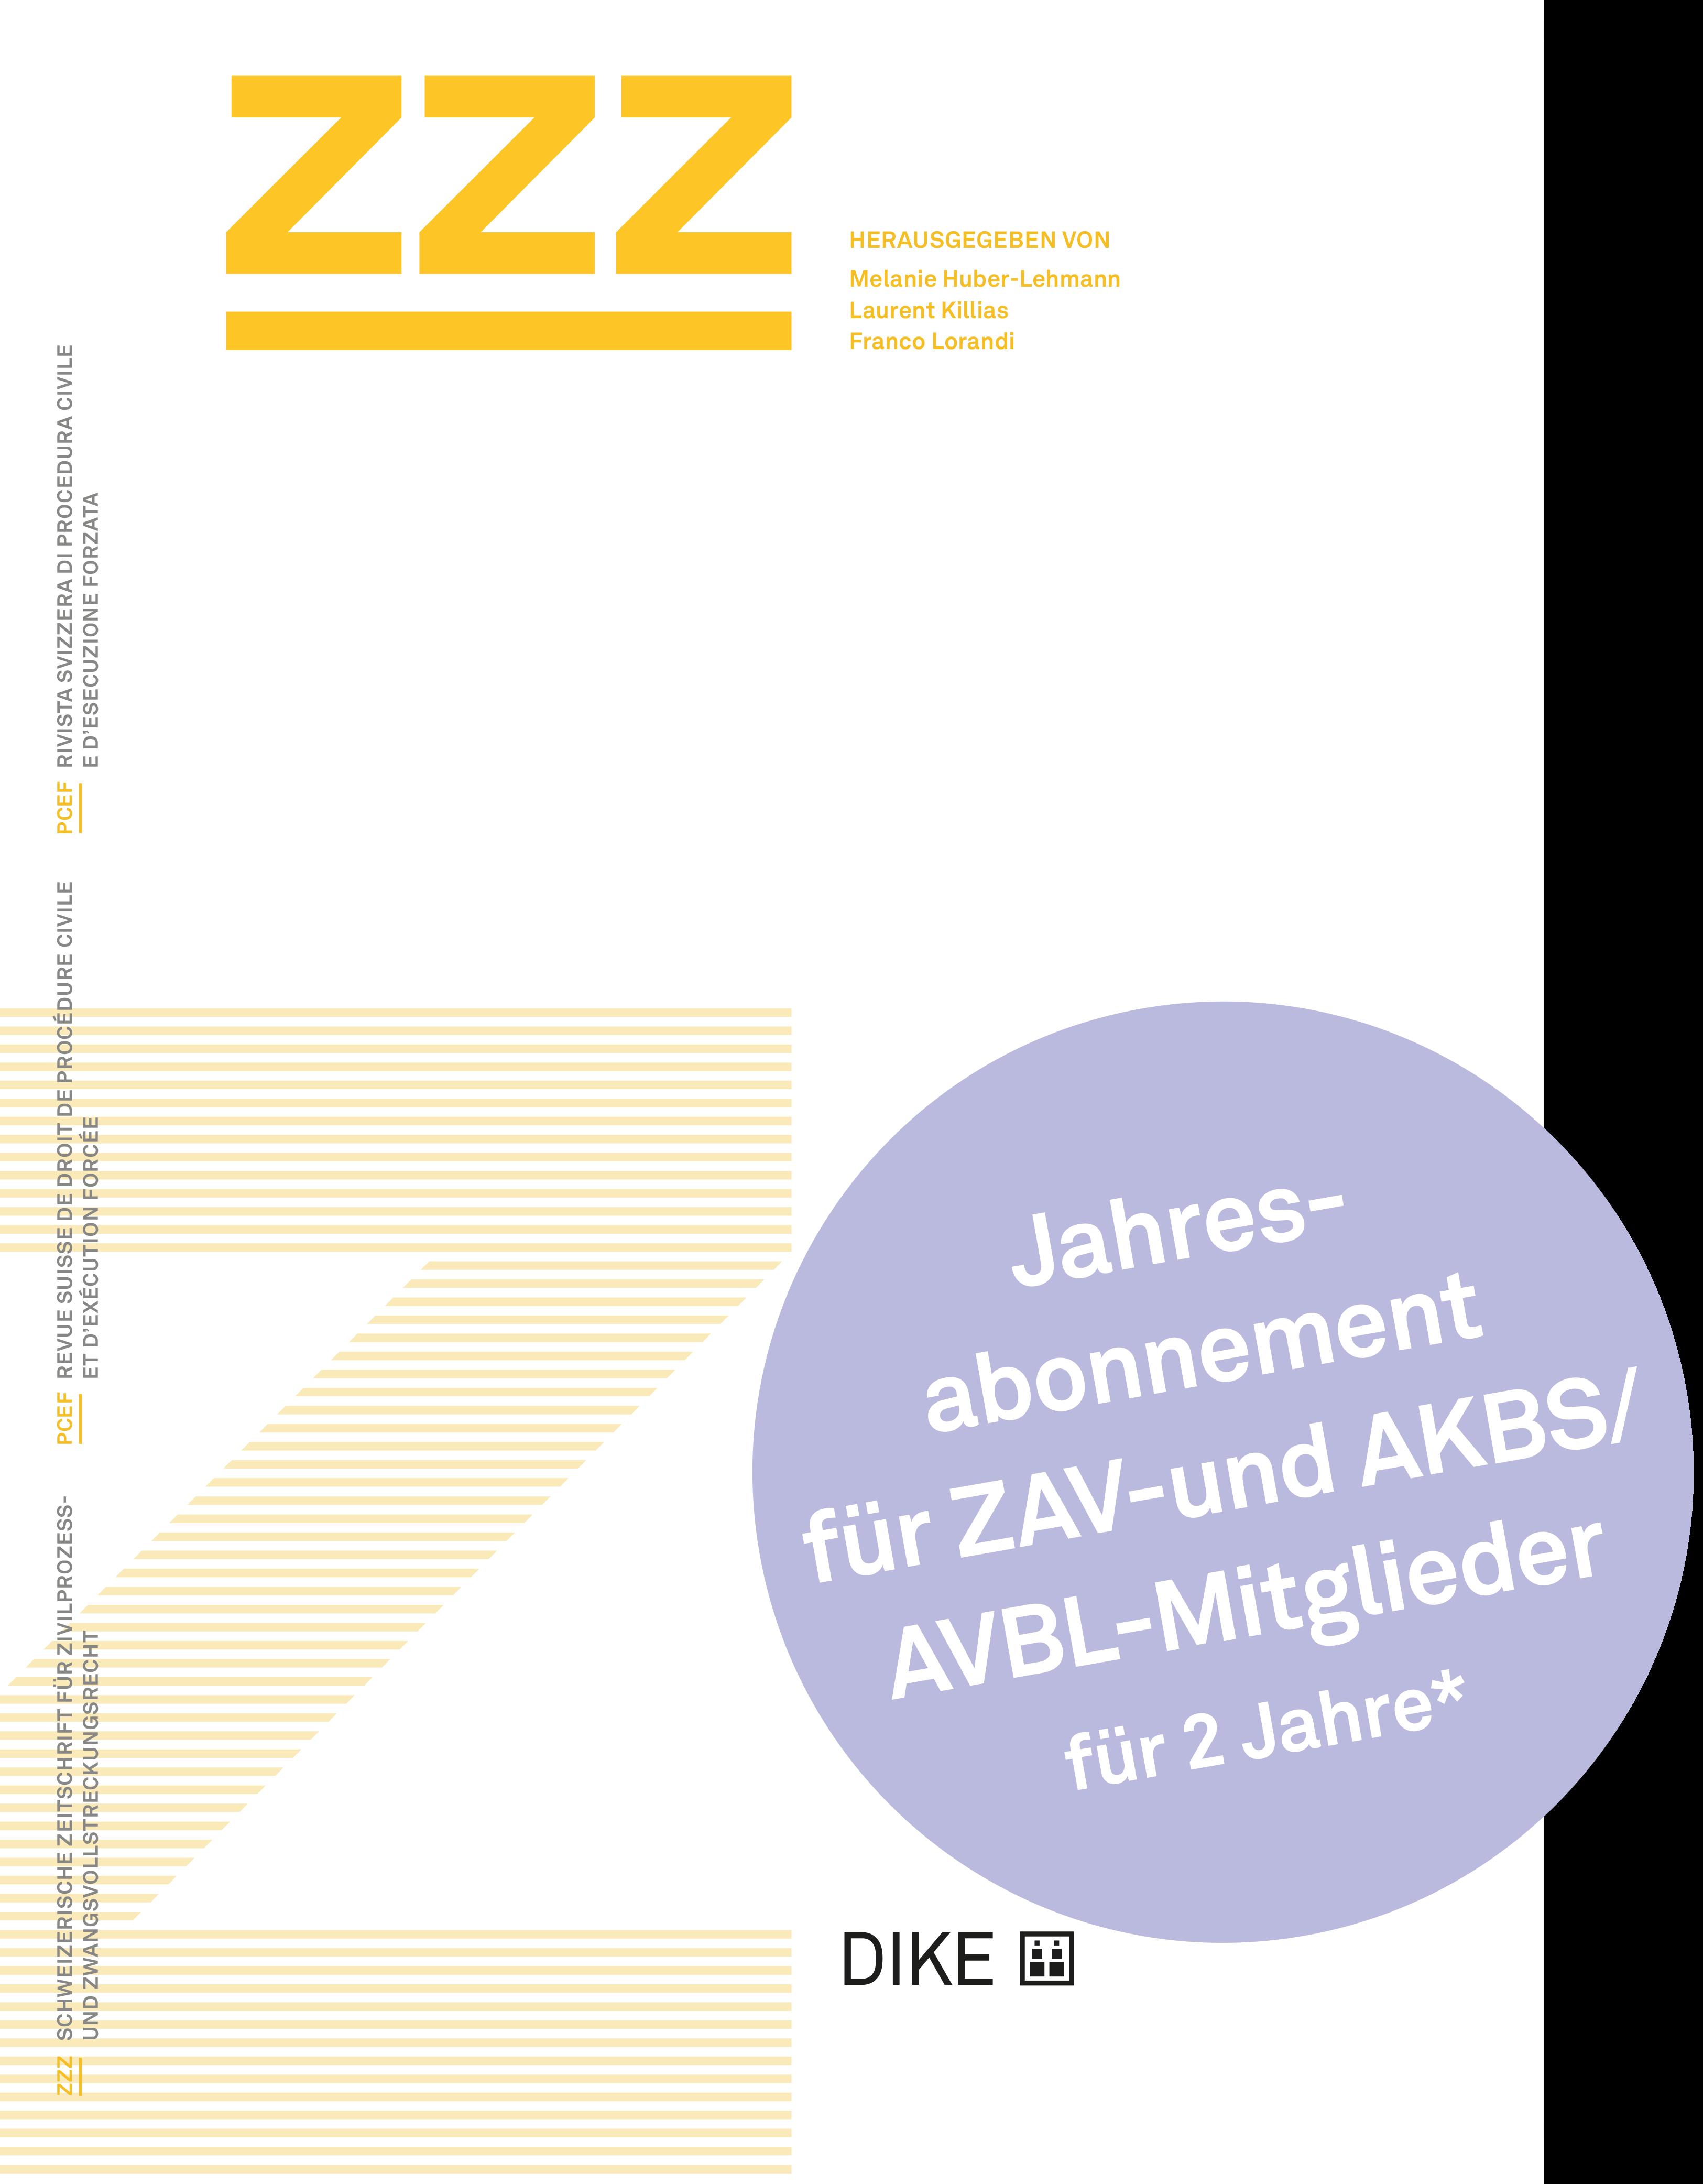 ZZZ Abonnement für ZAV- und AKBS/AVBL-Mitglieder